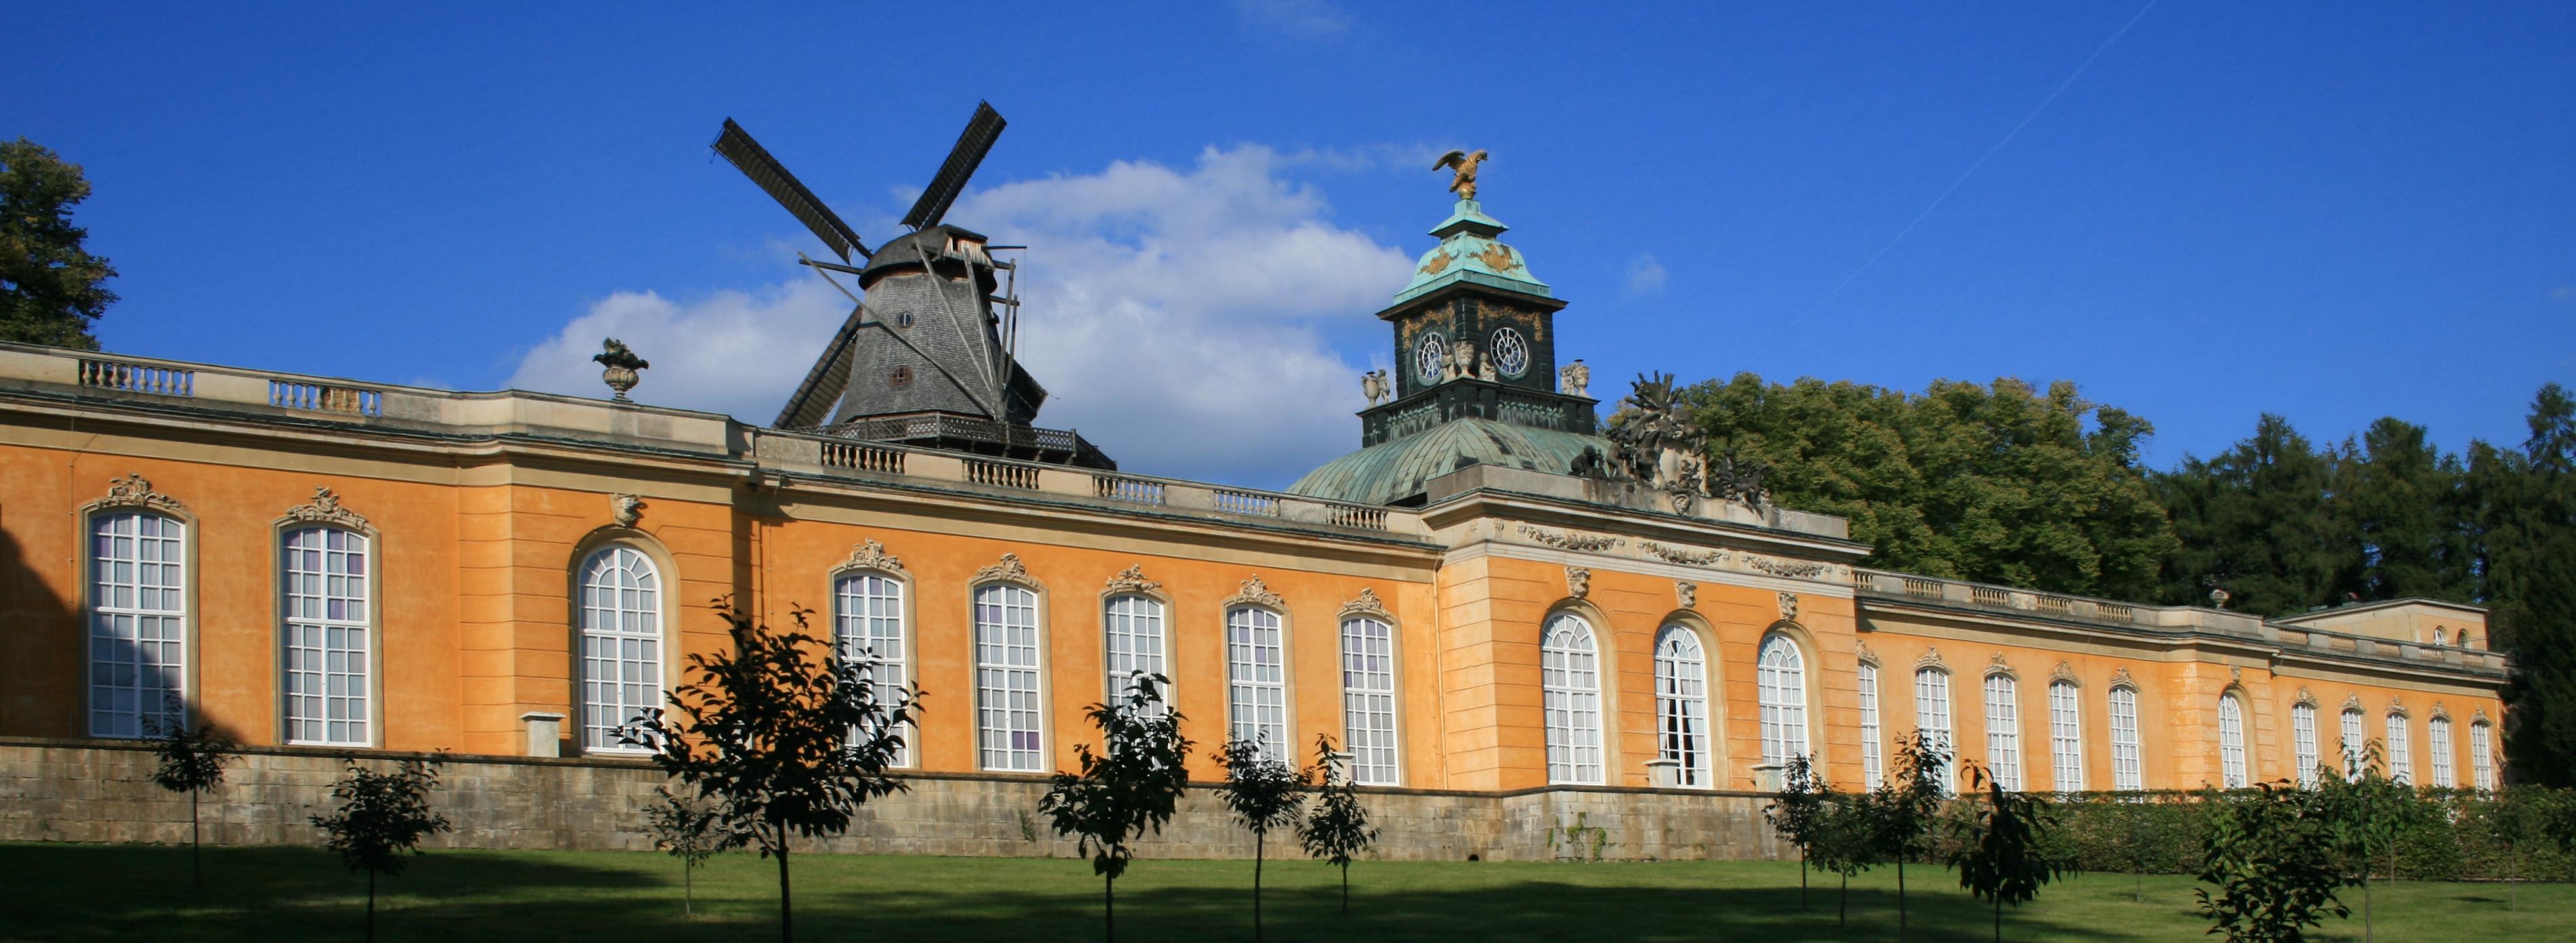 c date wiki Potsdam